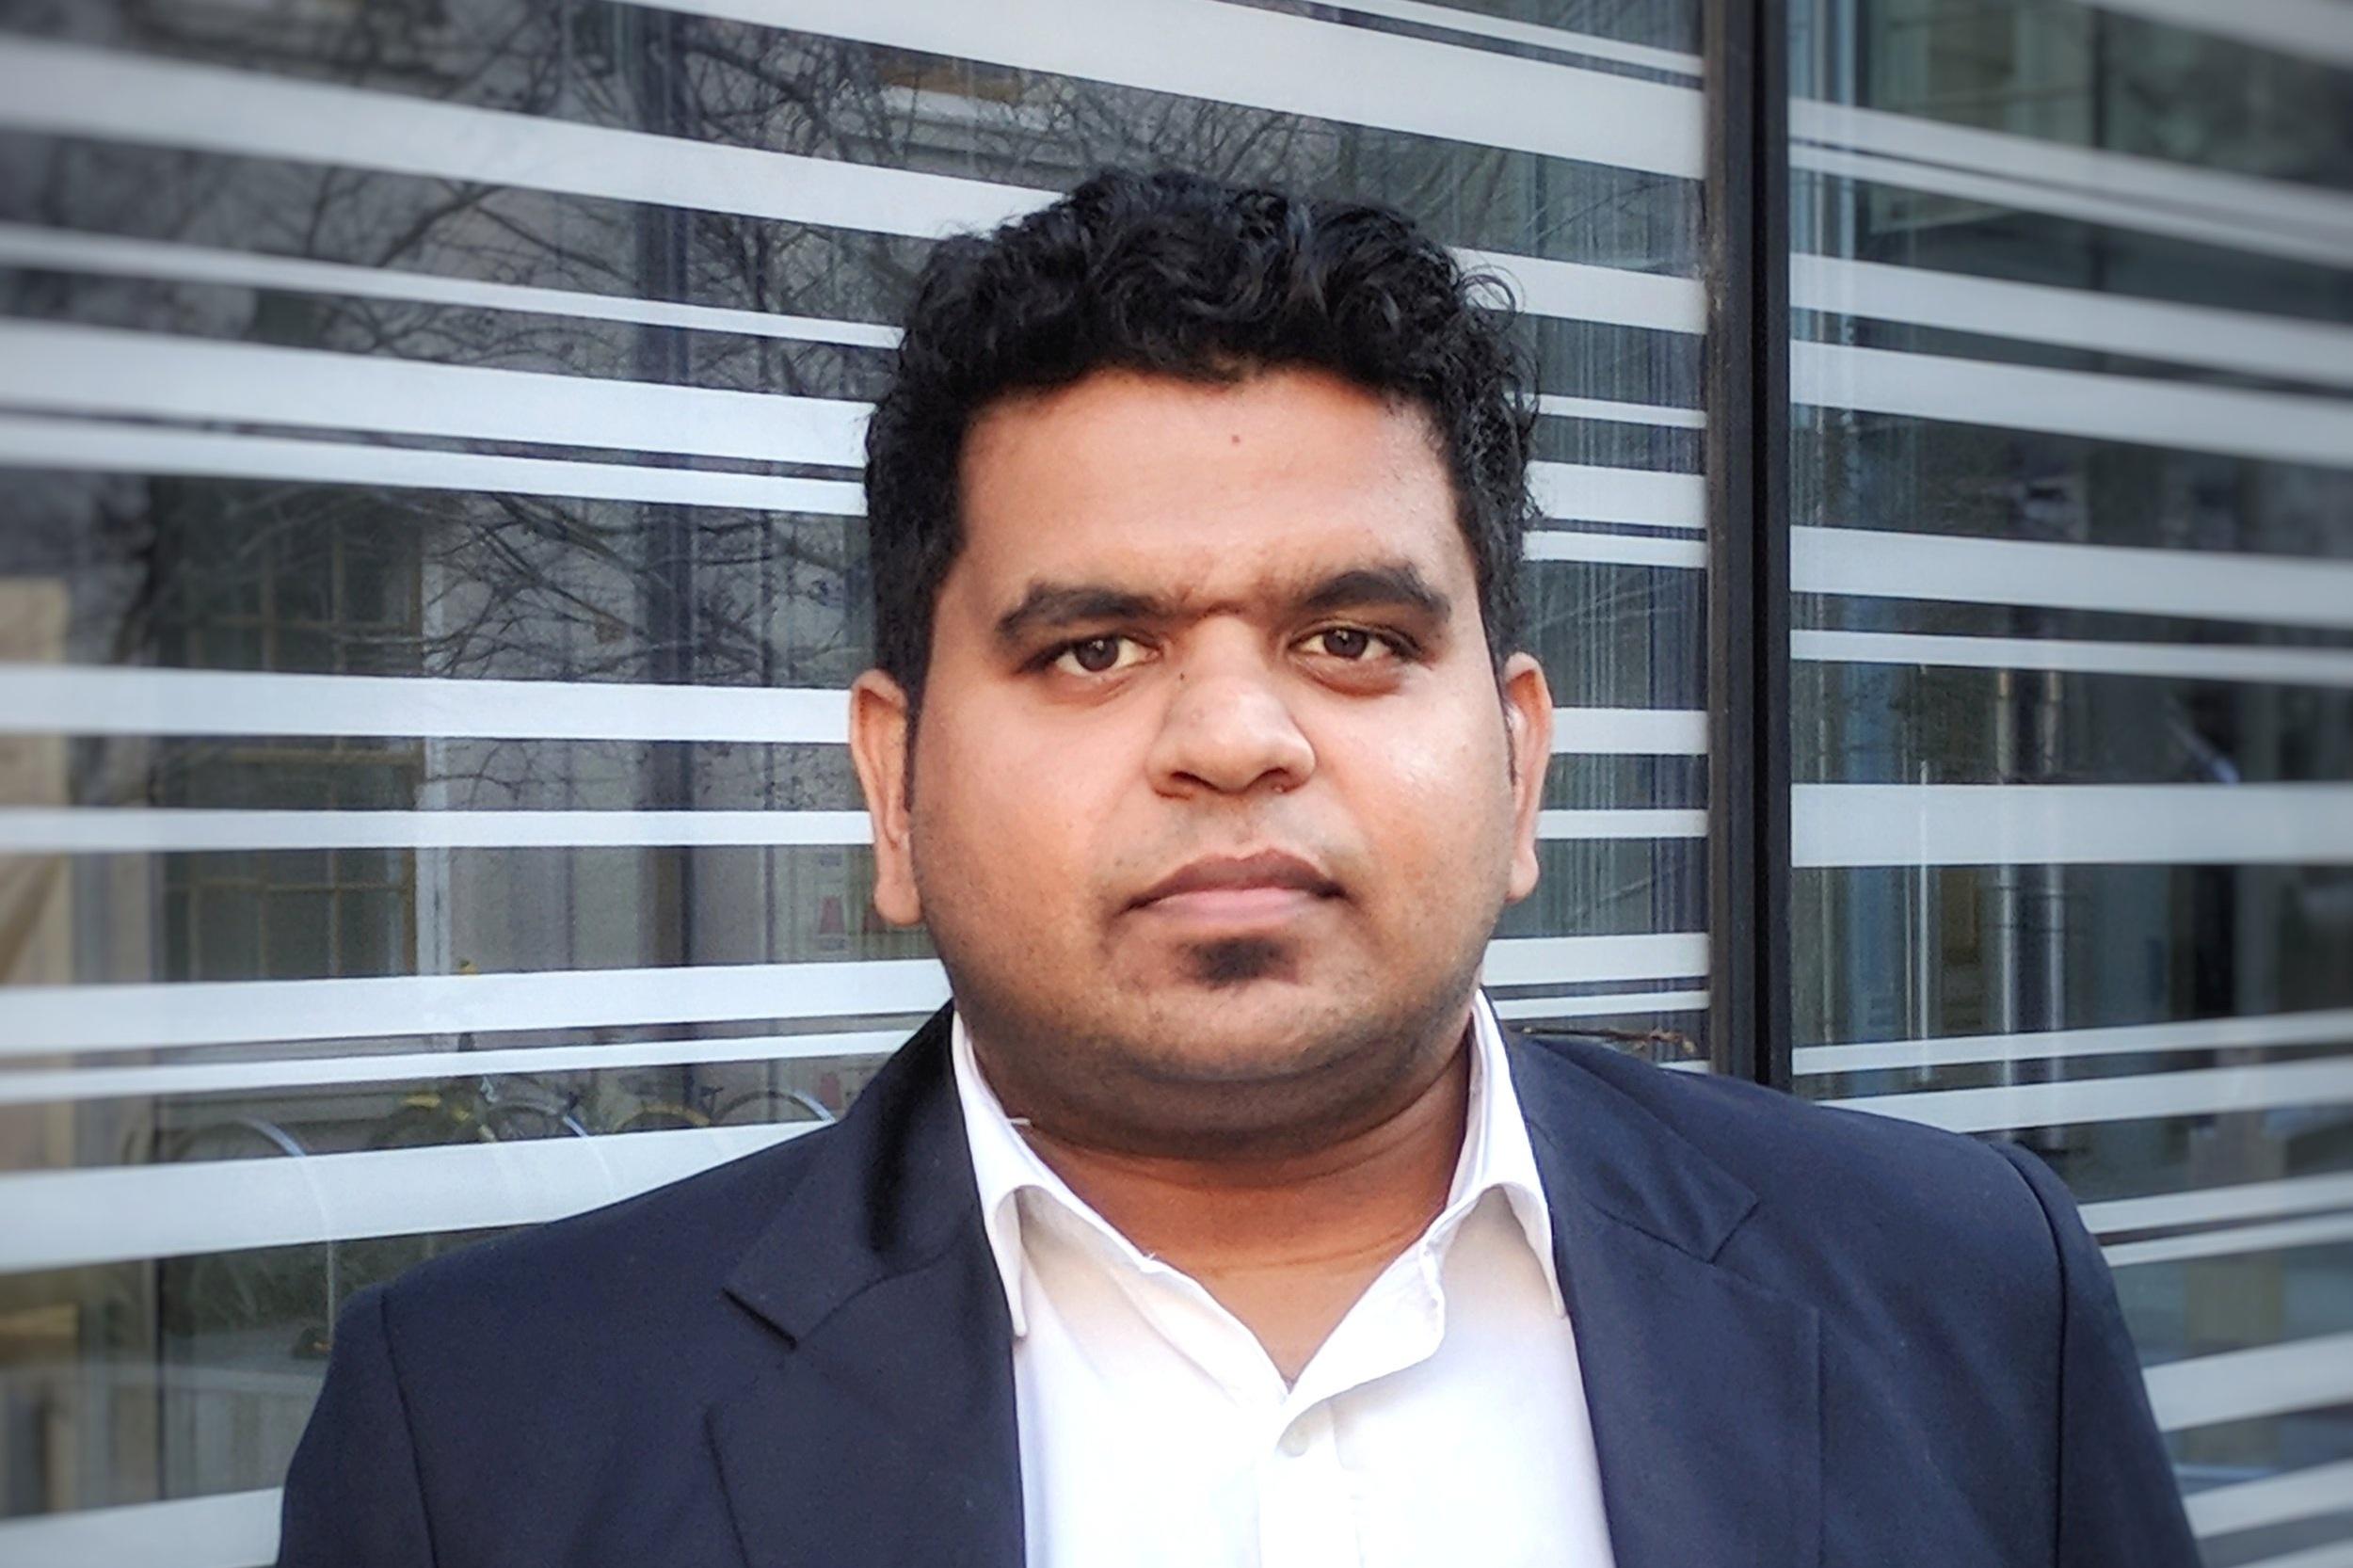 Dr Ramanathan VaidyanathanResearch Theme Leader - ram.vaidyanathan@nssn.org.auM 0434 417 688T 02 9385 1473